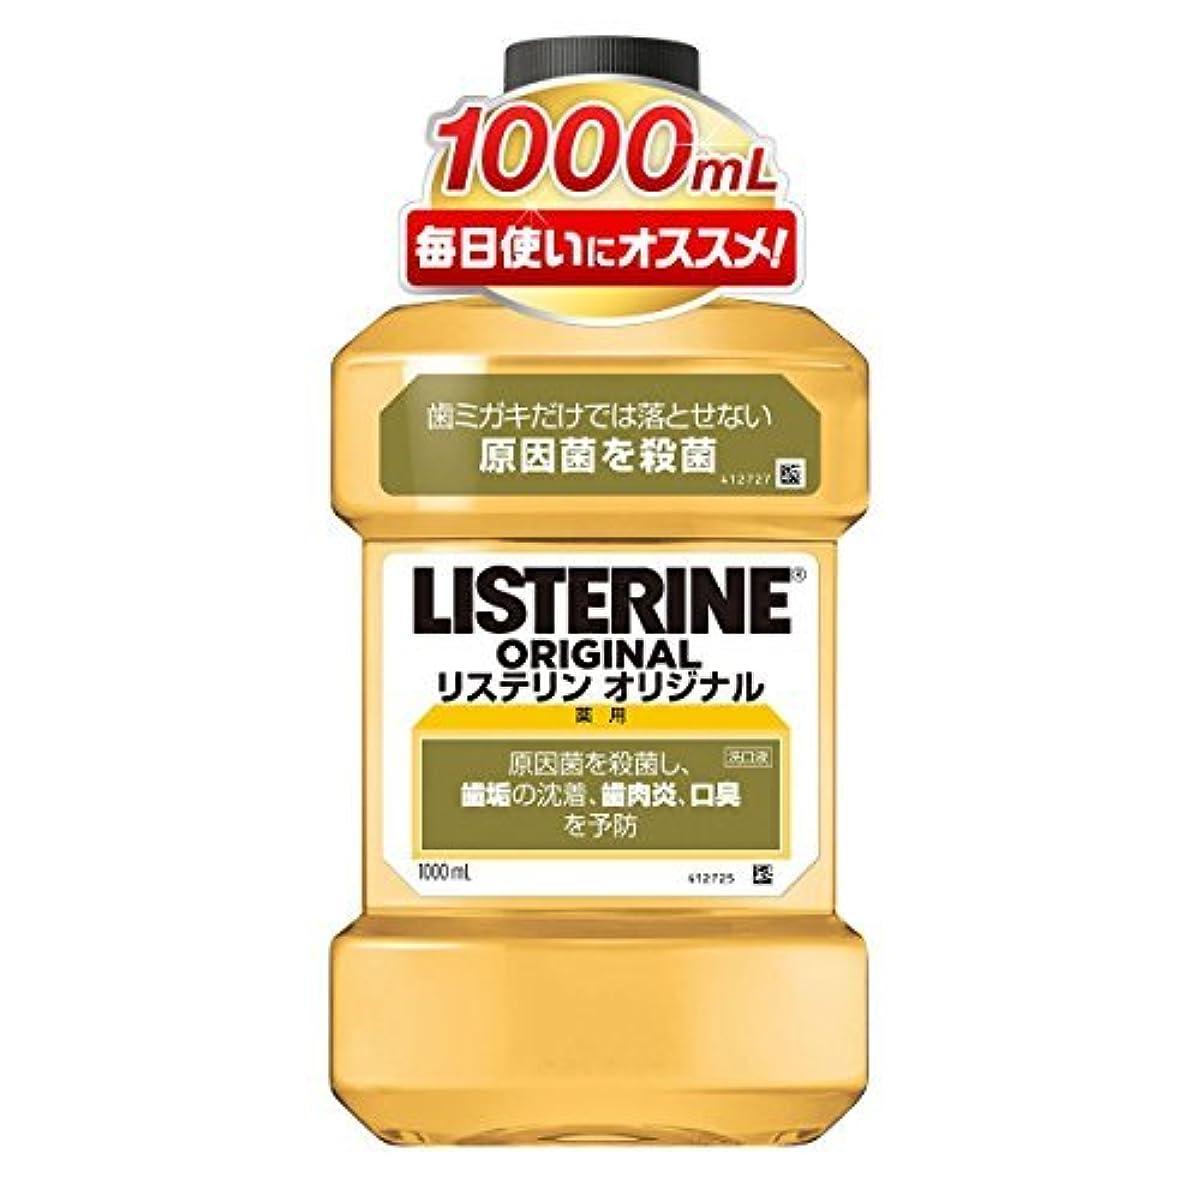 レザー債務裁判官薬用リステリン オリジナル 1000ml ×6個セット